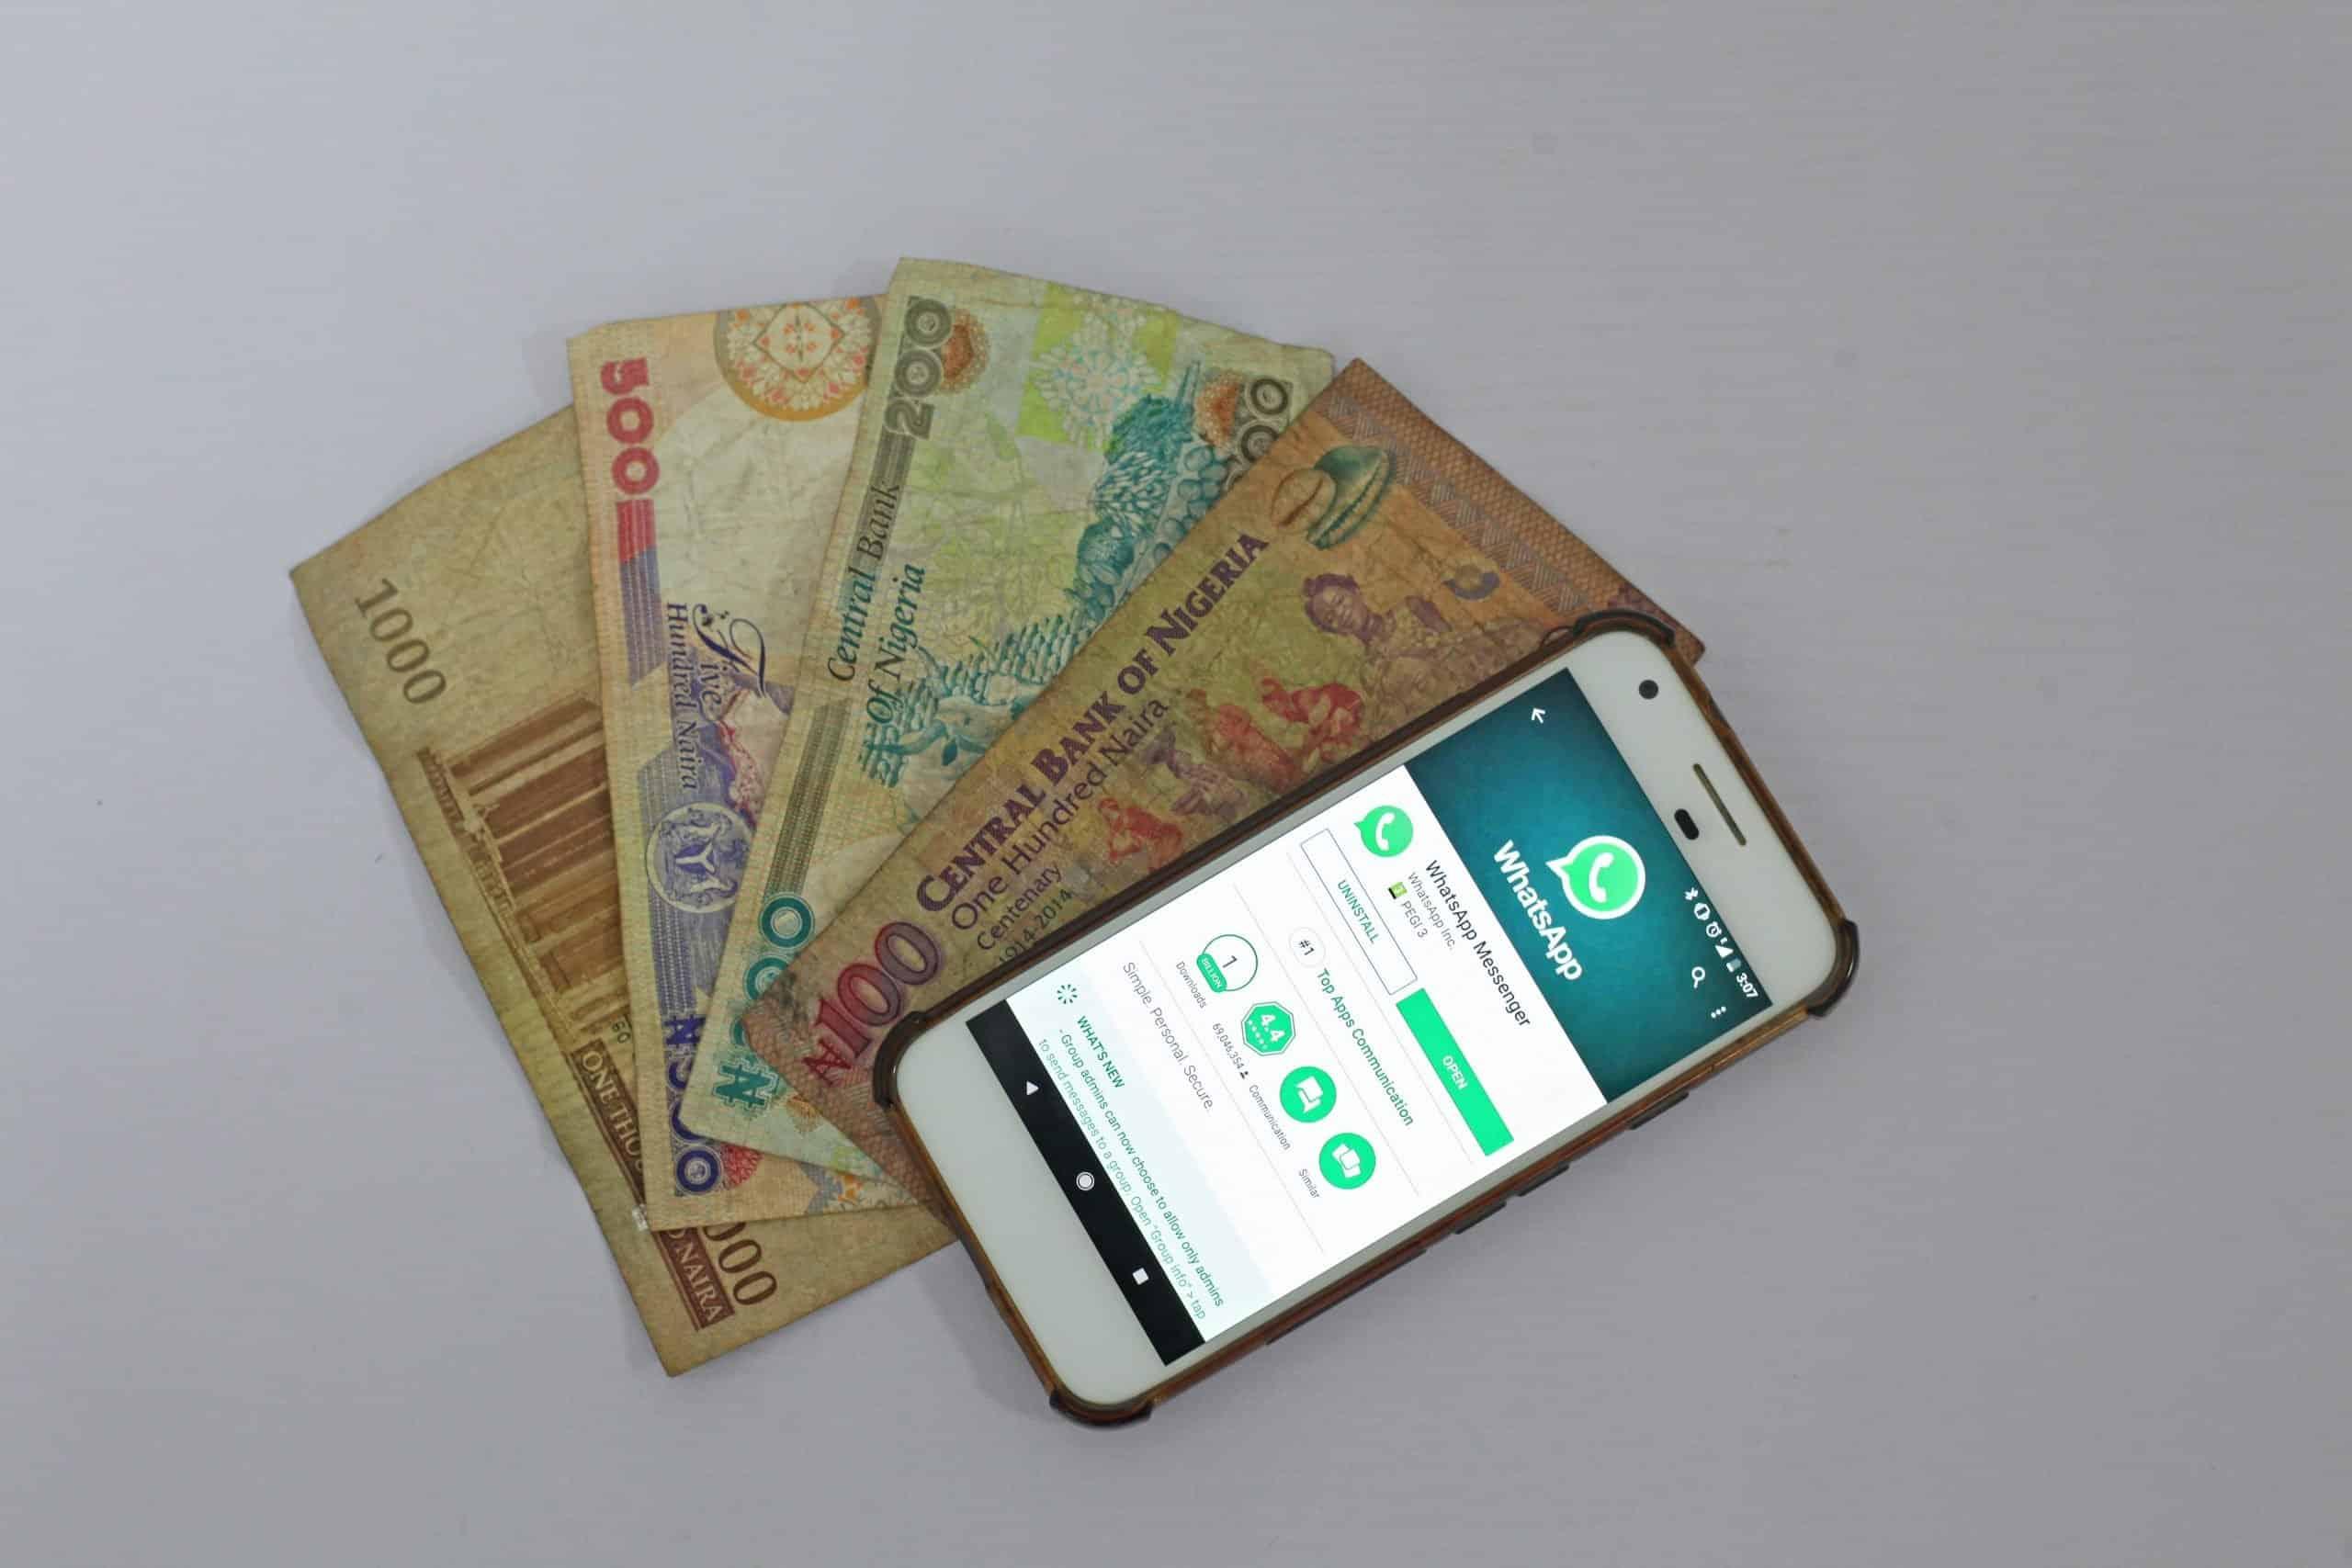 kereskedéssel lehet pénzt keresni rajta)